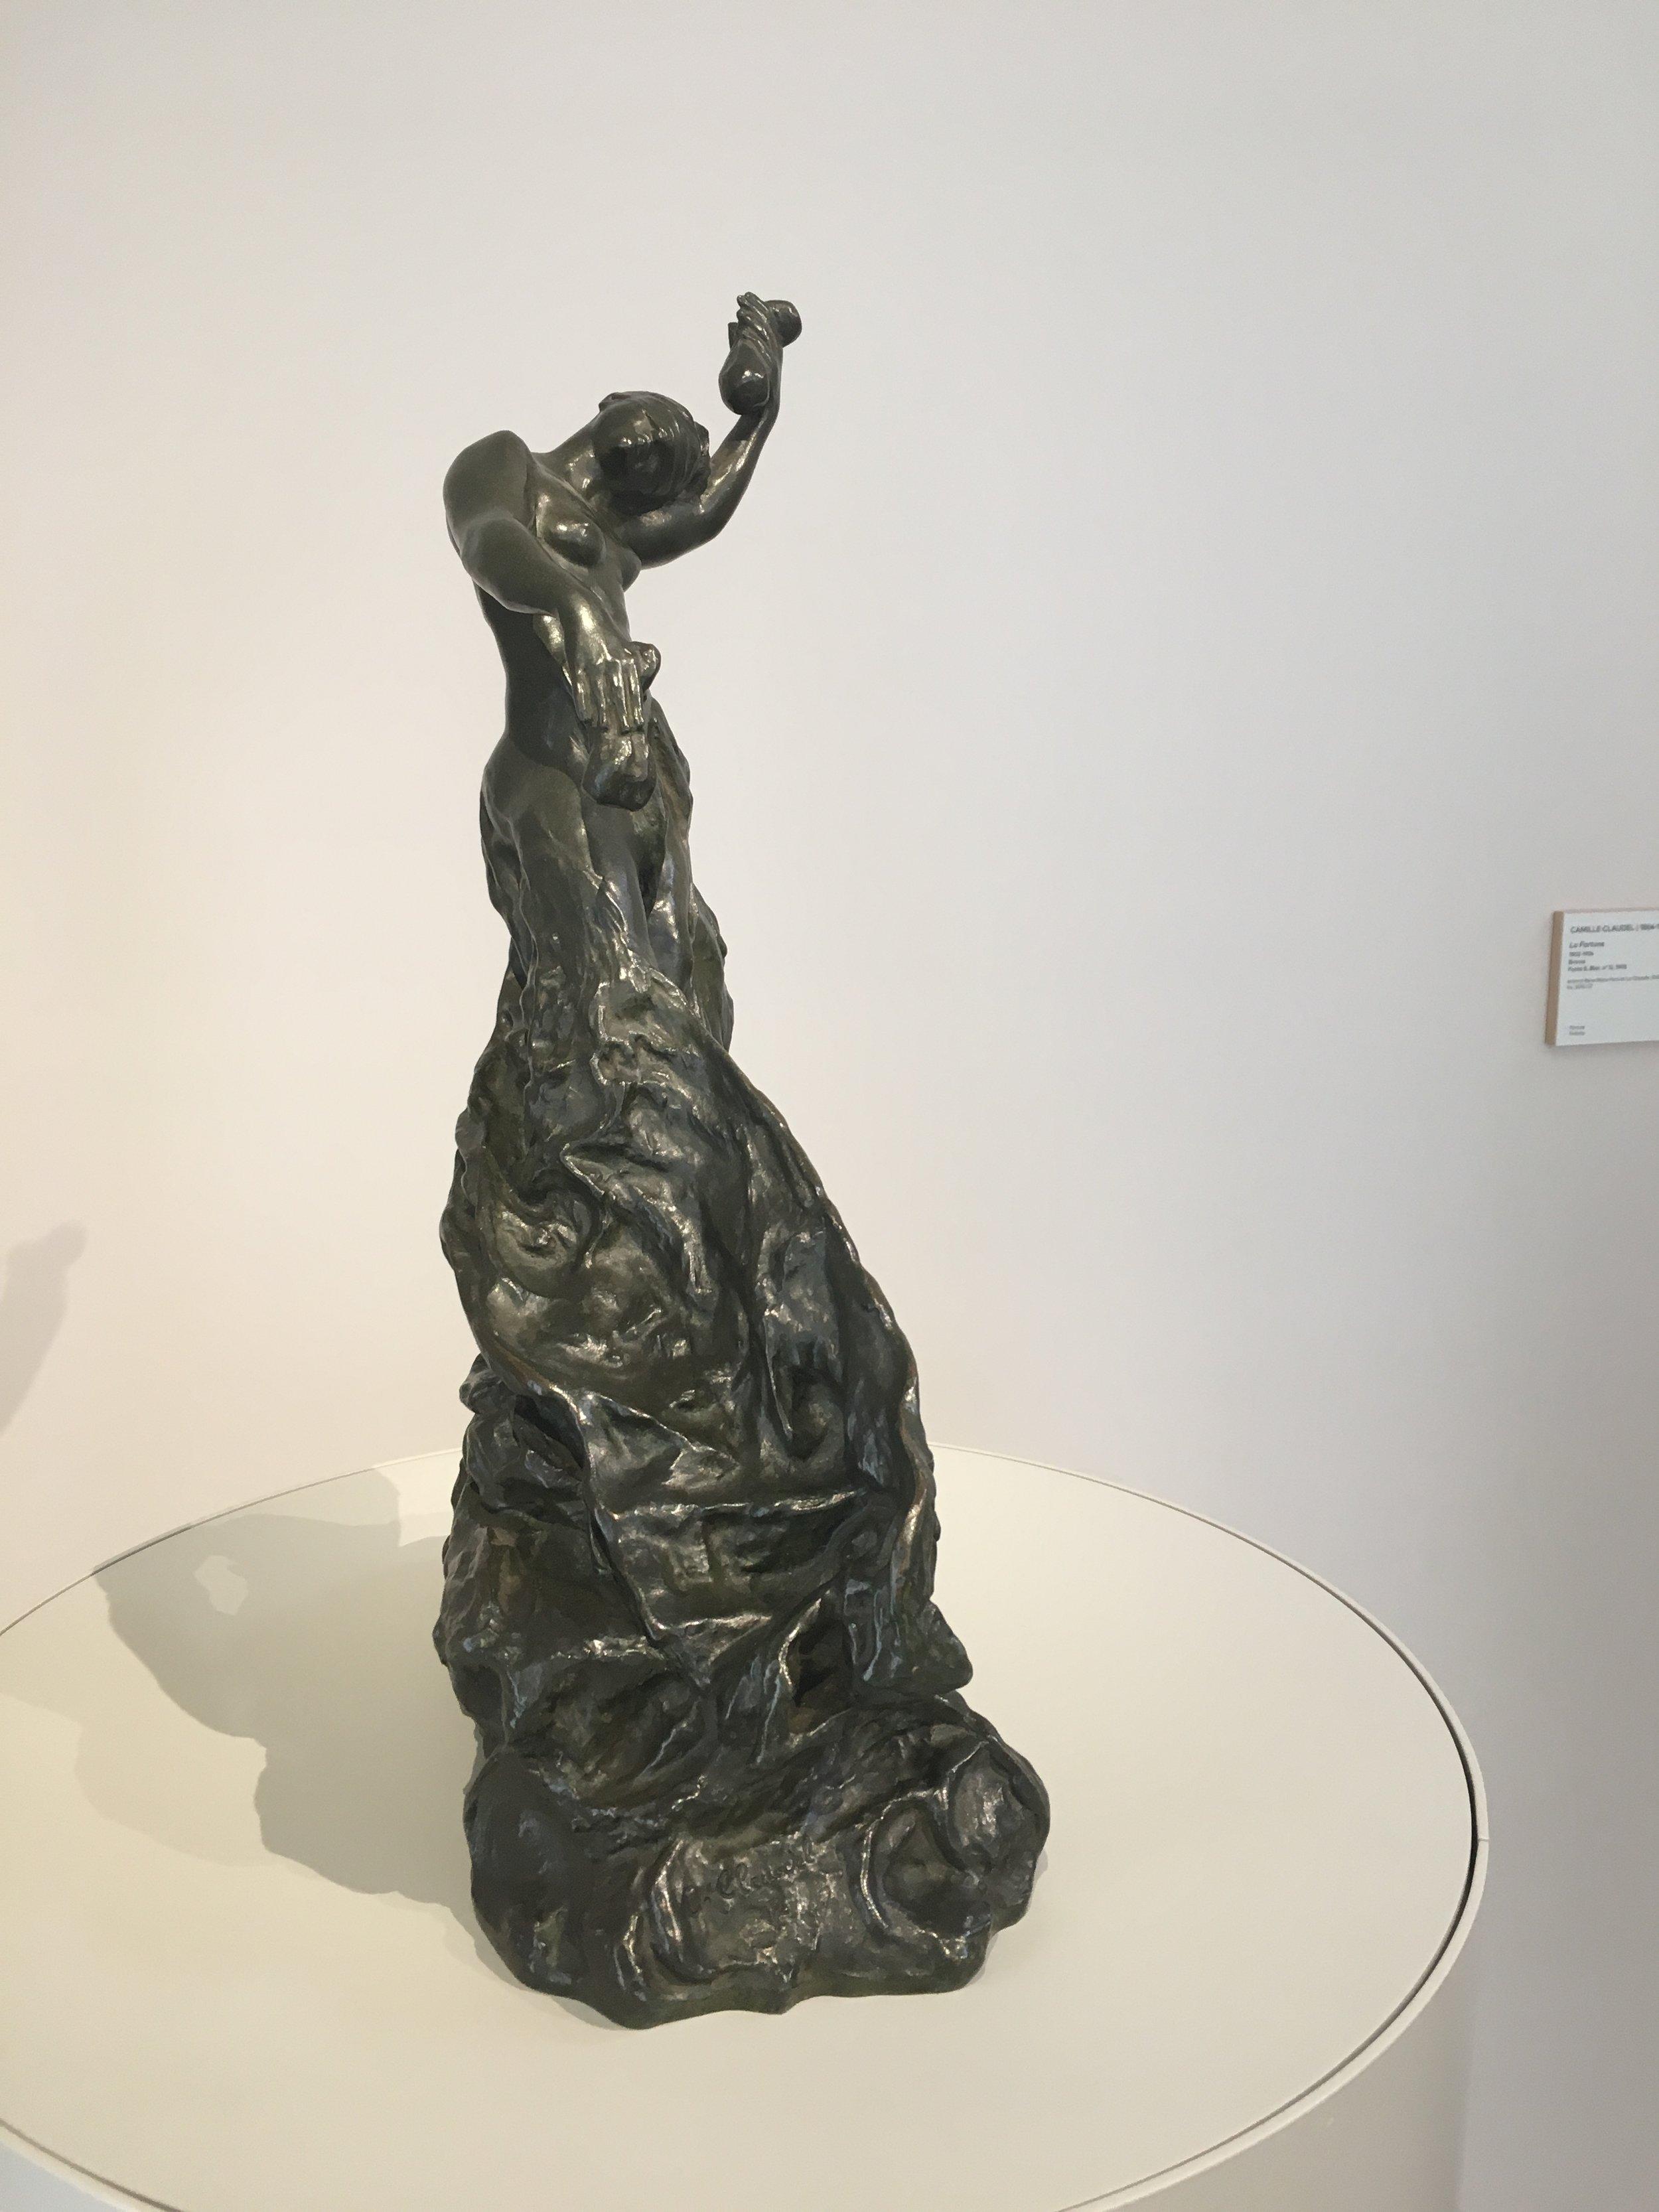 La Fortune, 1904-05, bronze, Camille Claudel, Musée Camille Claudel, Nogent sur Seine (photograph J. Cook)